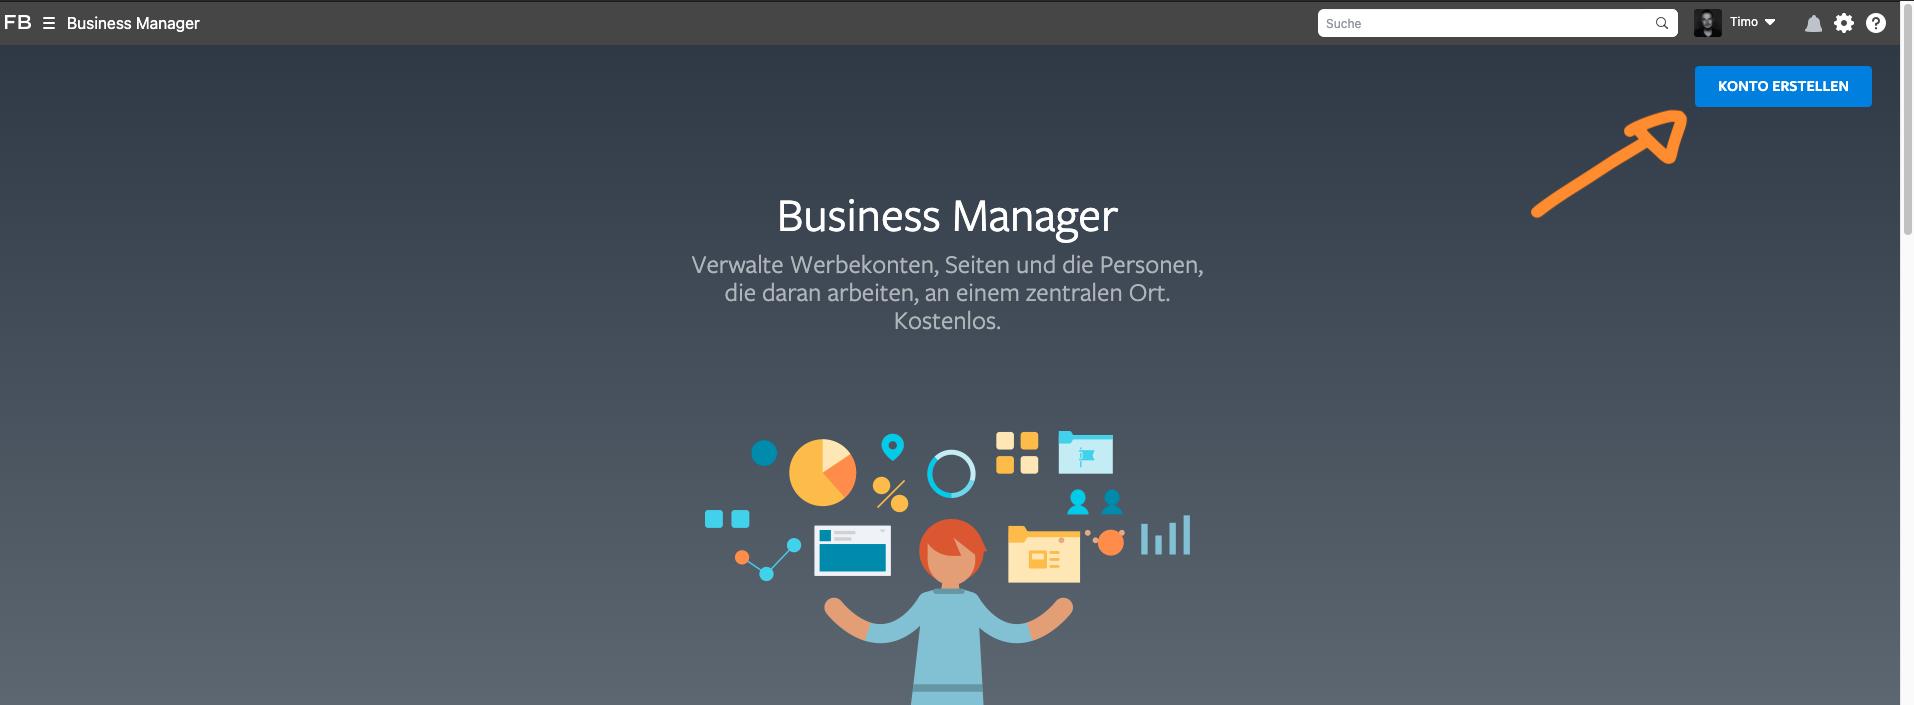 Startseite Facebook Business Manager Konto erstellen